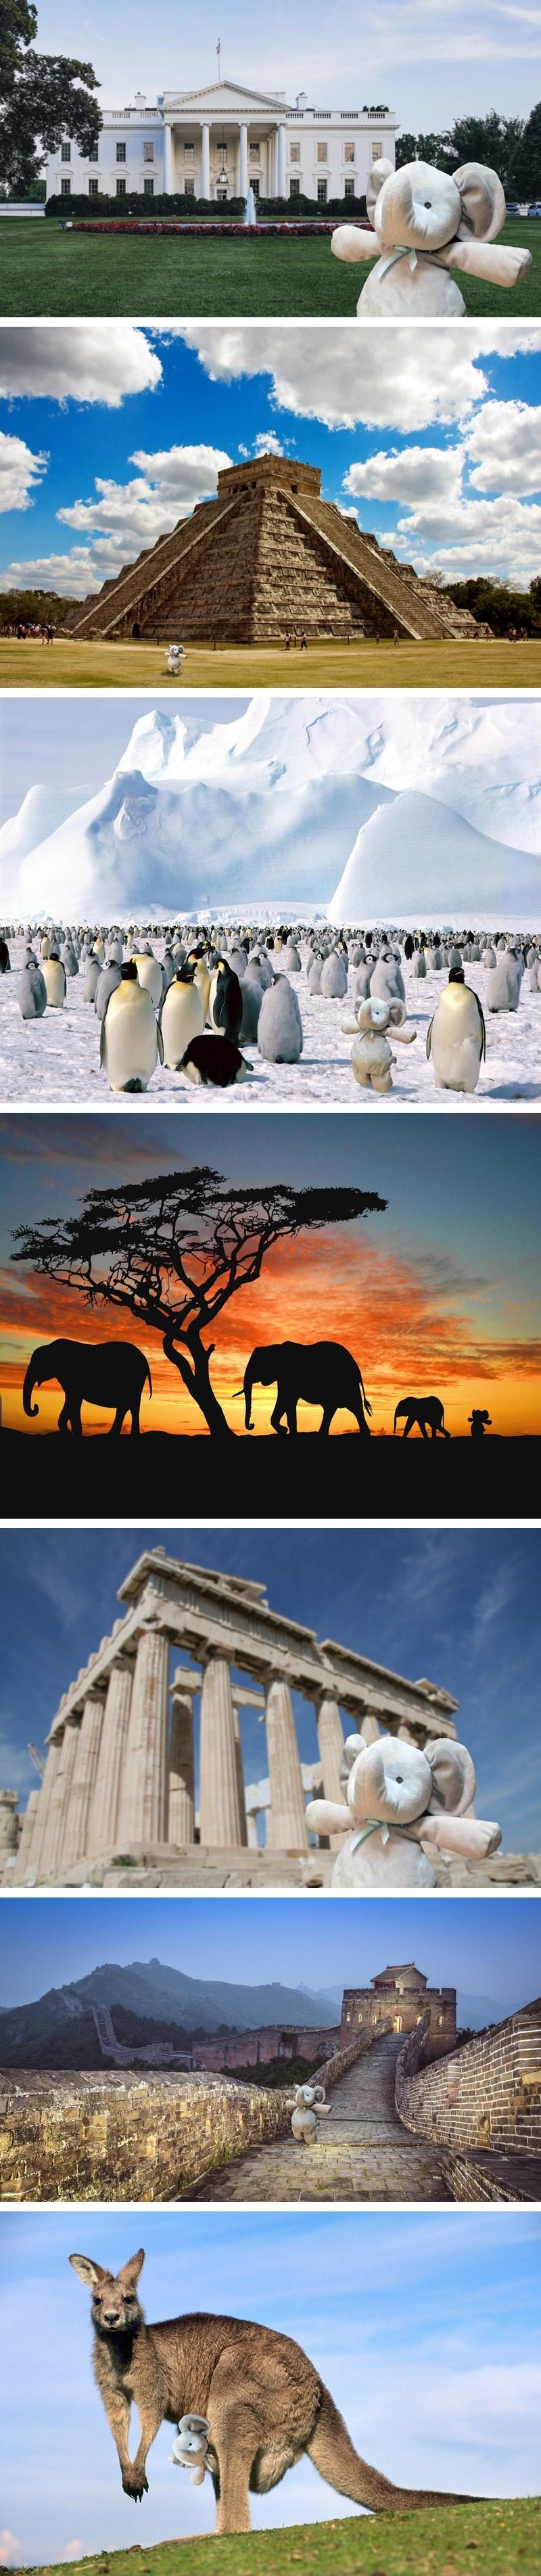 Elephant - Thillii